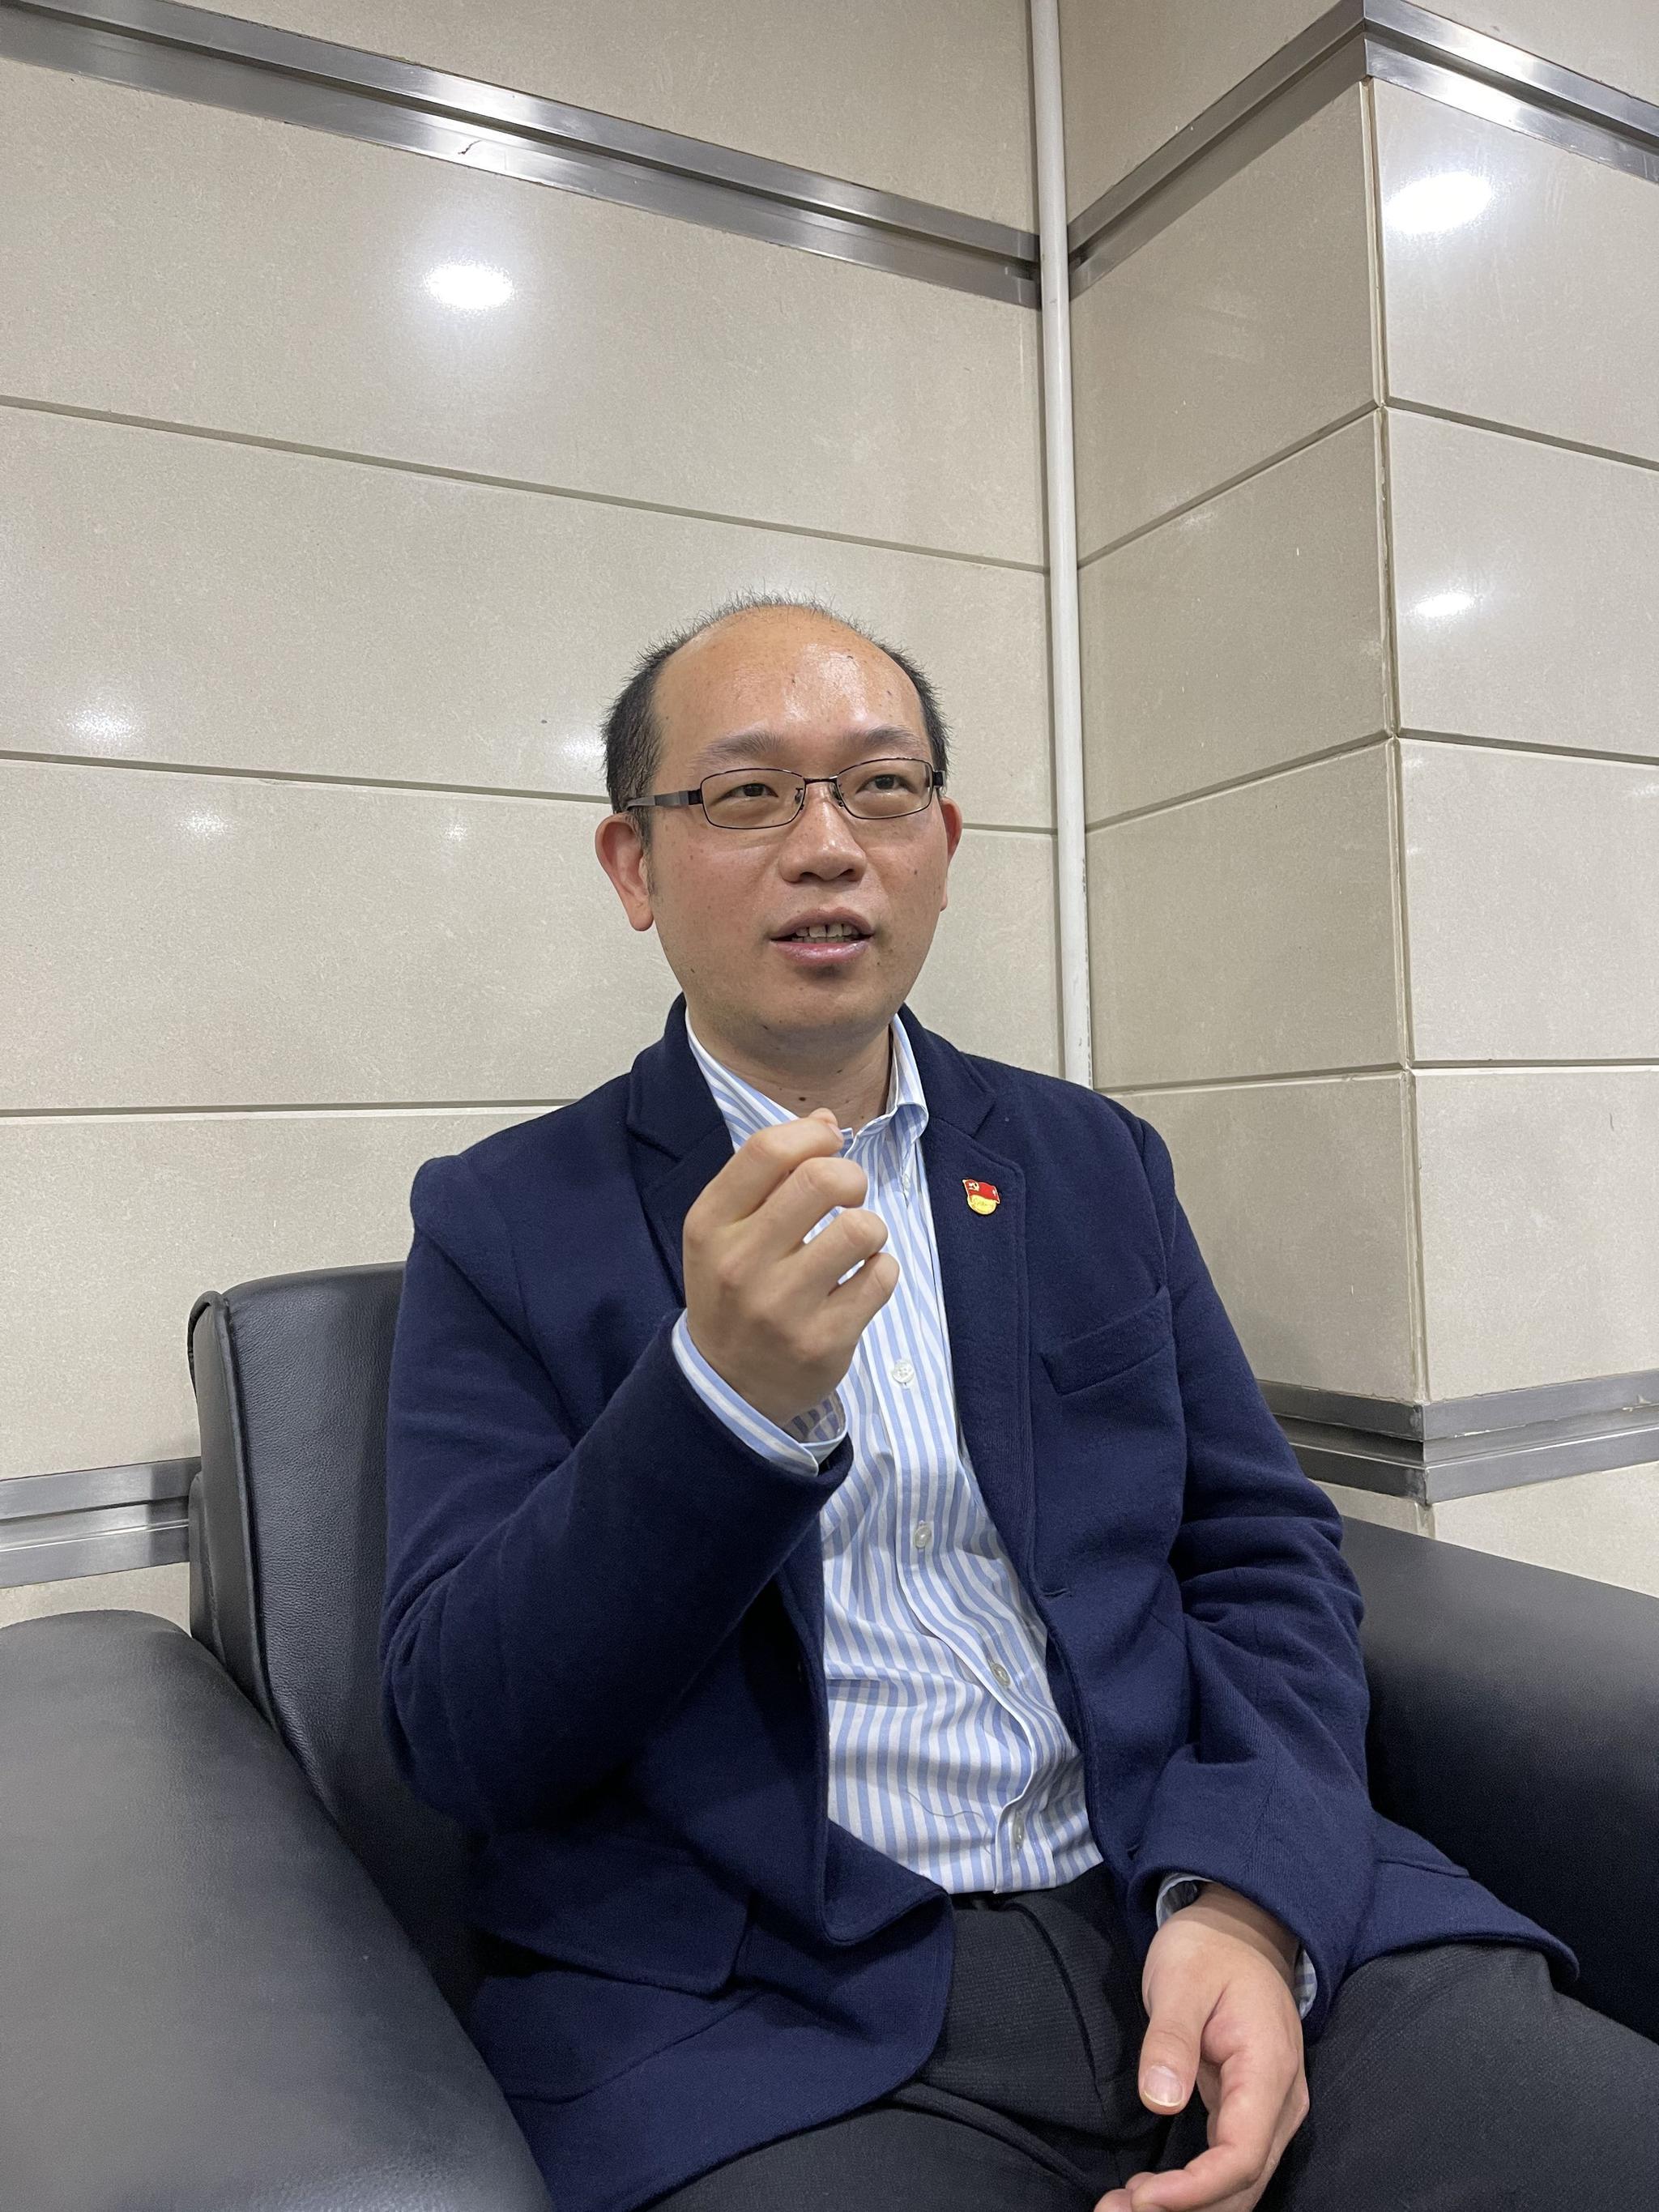 北京市人社局劳动关系处副处长王林。新京报记者 吴为 摄